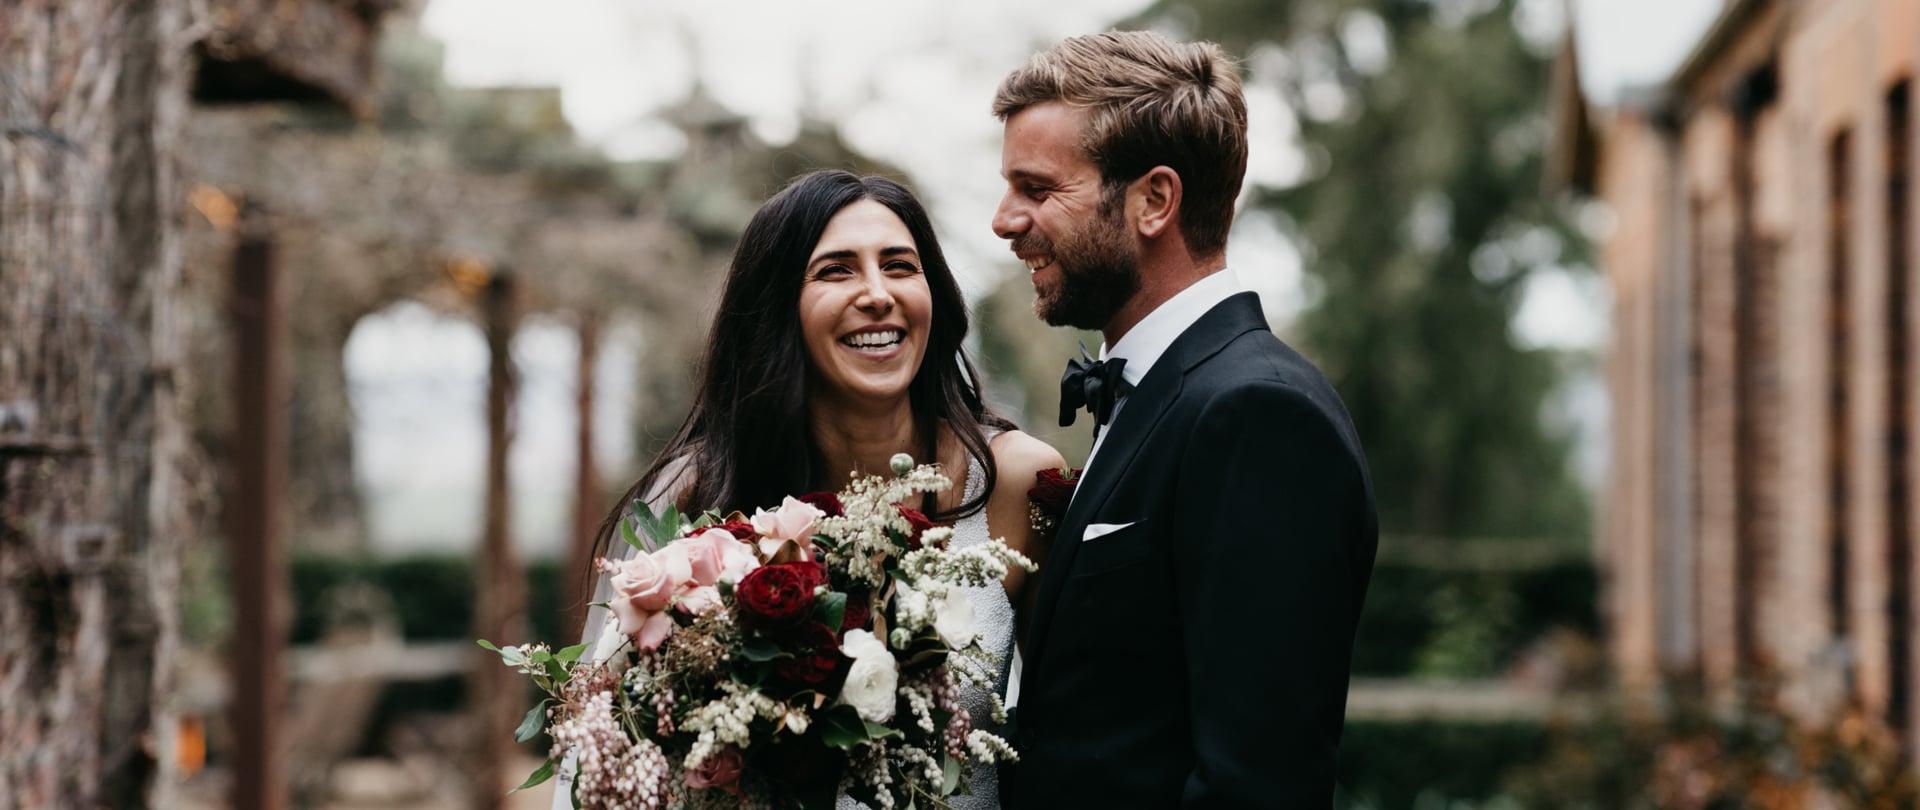 Natalie & Matt Wedding Video Filmed at Yarra Valley, Victoria